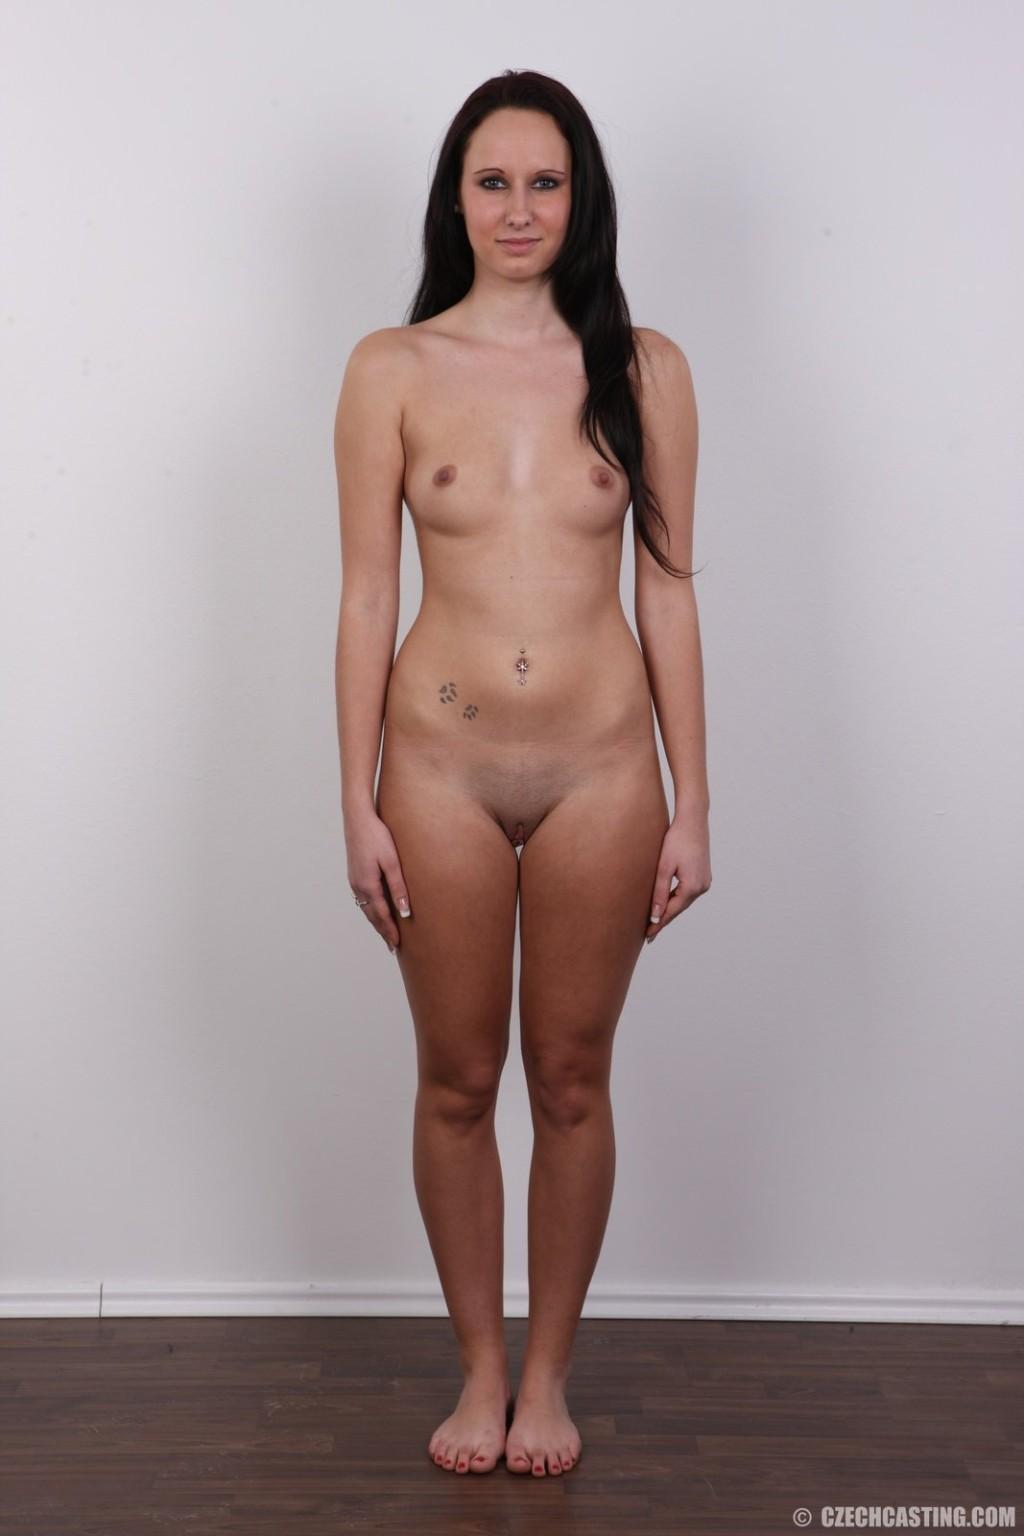 Сочные женщины - Порно галерея № 3531884